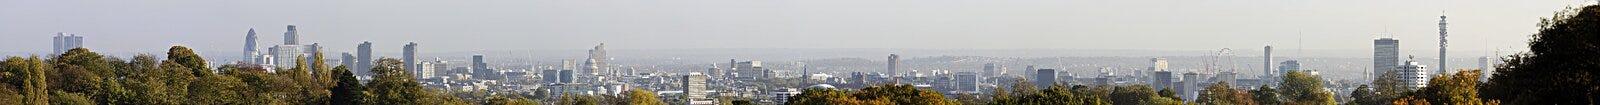 ορίζοντας πανοράματος του Λονδίνου στοκ φωτογραφία με δικαίωμα ελεύθερης χρήσης